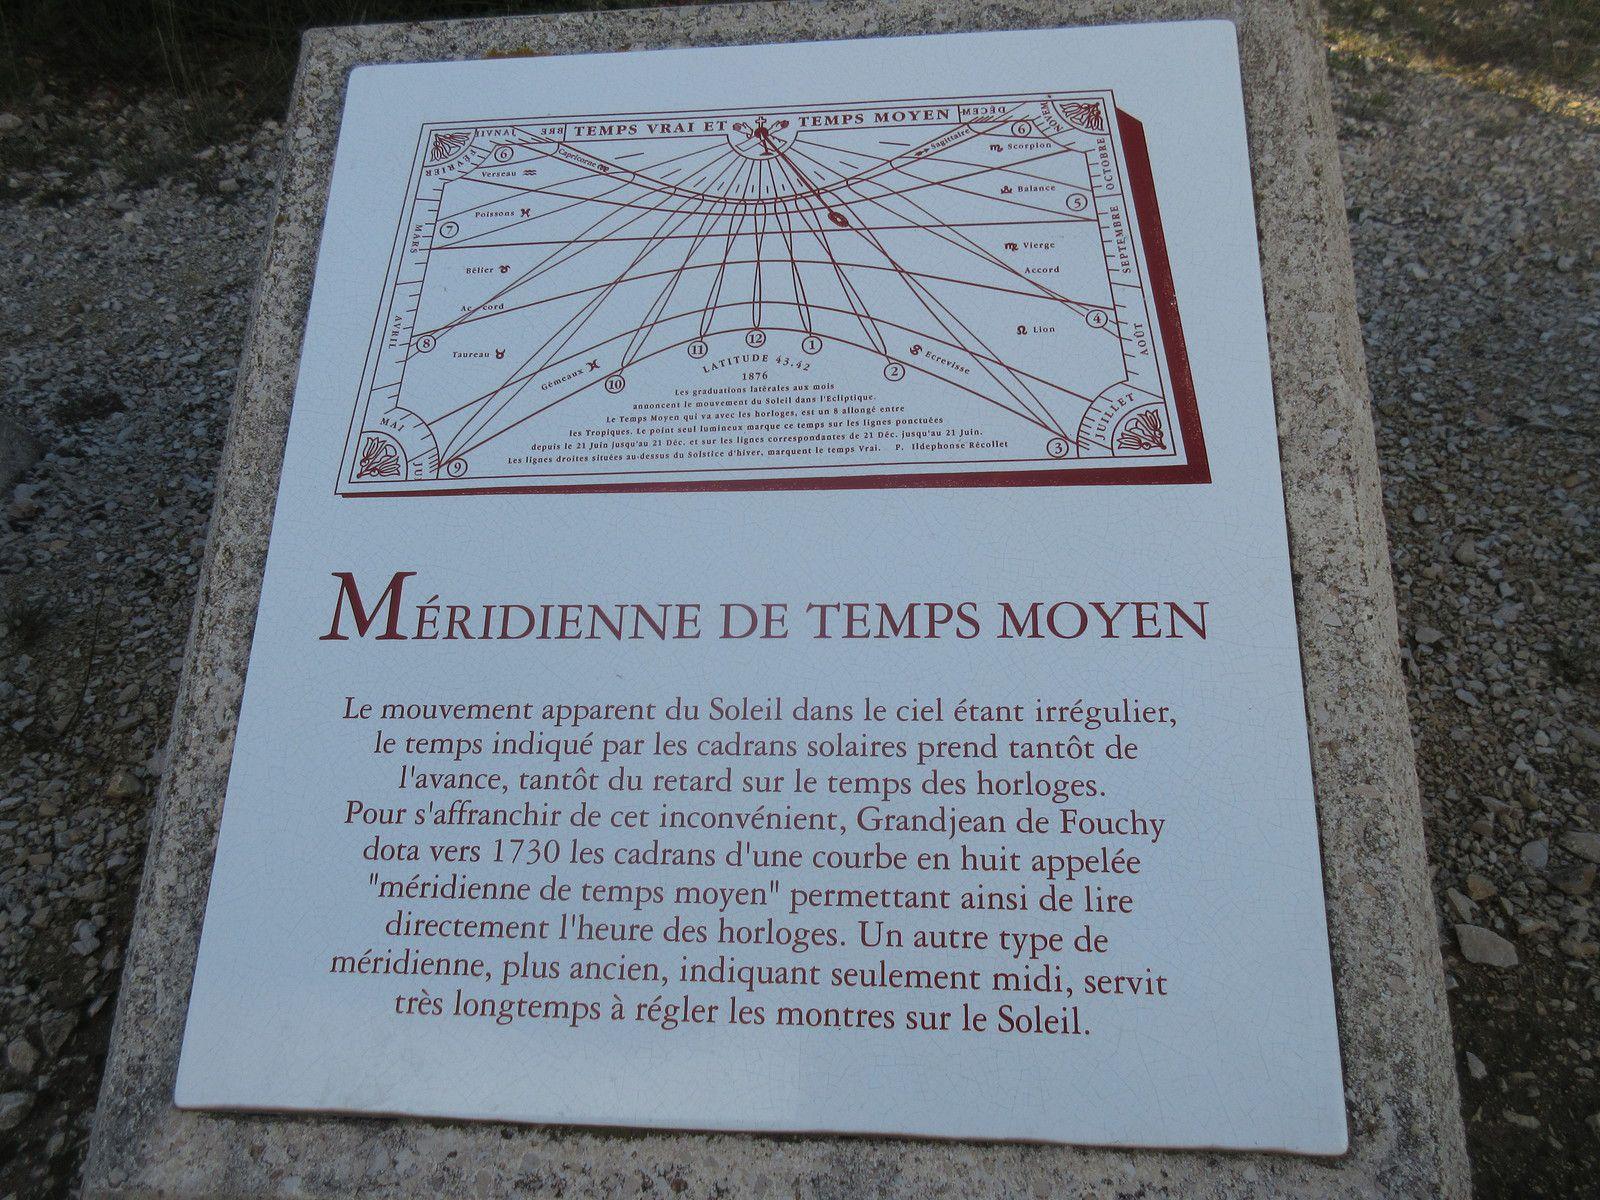 Le 6 JANVIER 2021 - Psychedelic CROISETTE prend l'air frais de Villeneuve lez Avignon -Par monts et par vaux – A l'heure pour un rendez-vous important - Une rencontre très PRIVÉ